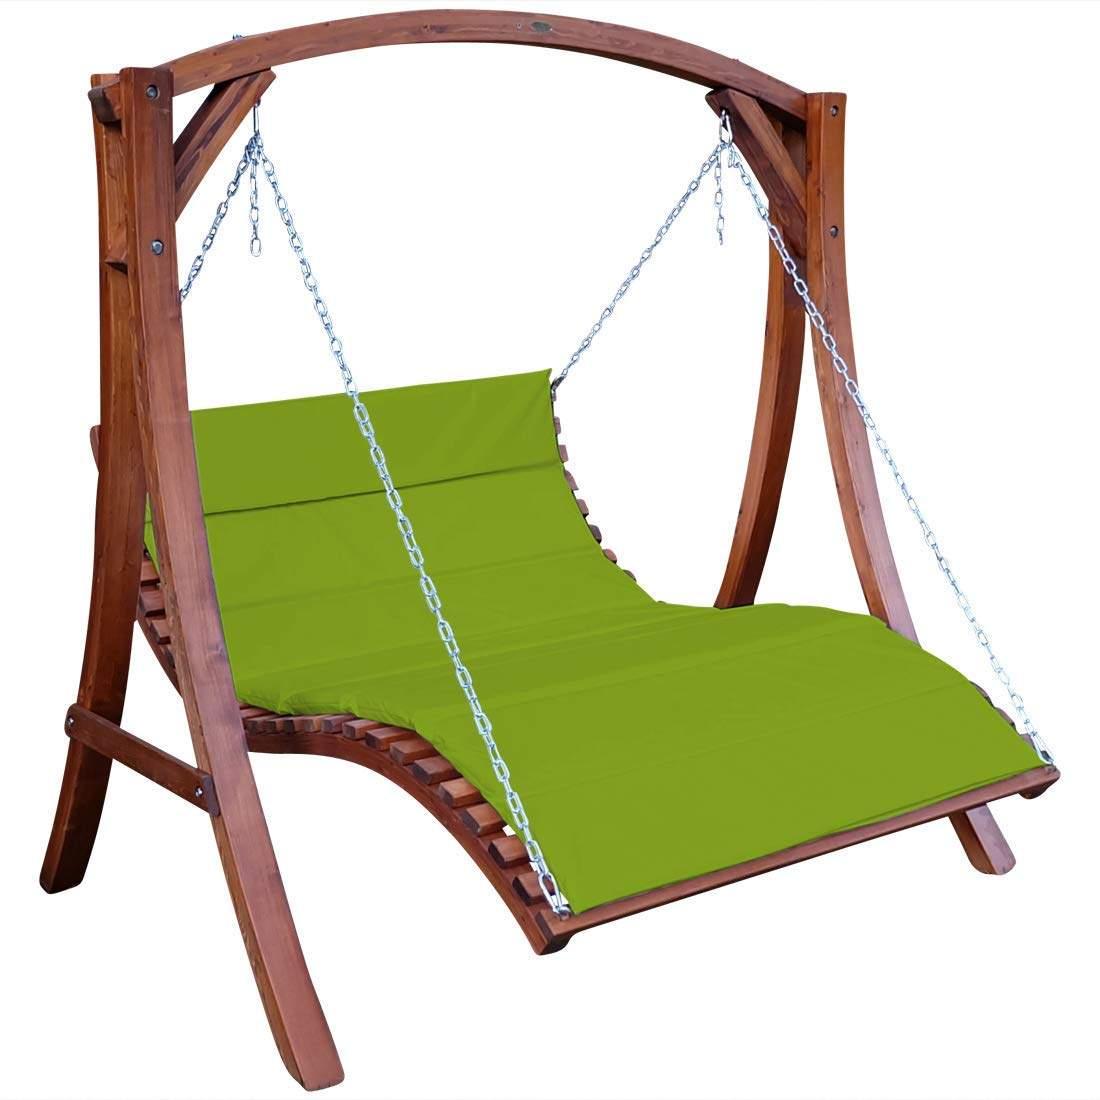 Hängesessel Garten Das Beste Von ass Design Hollywoodliege Hollywoodschaukel Aruba Od Aus Holz Lärche Ohne Dach Von Farbe Grün